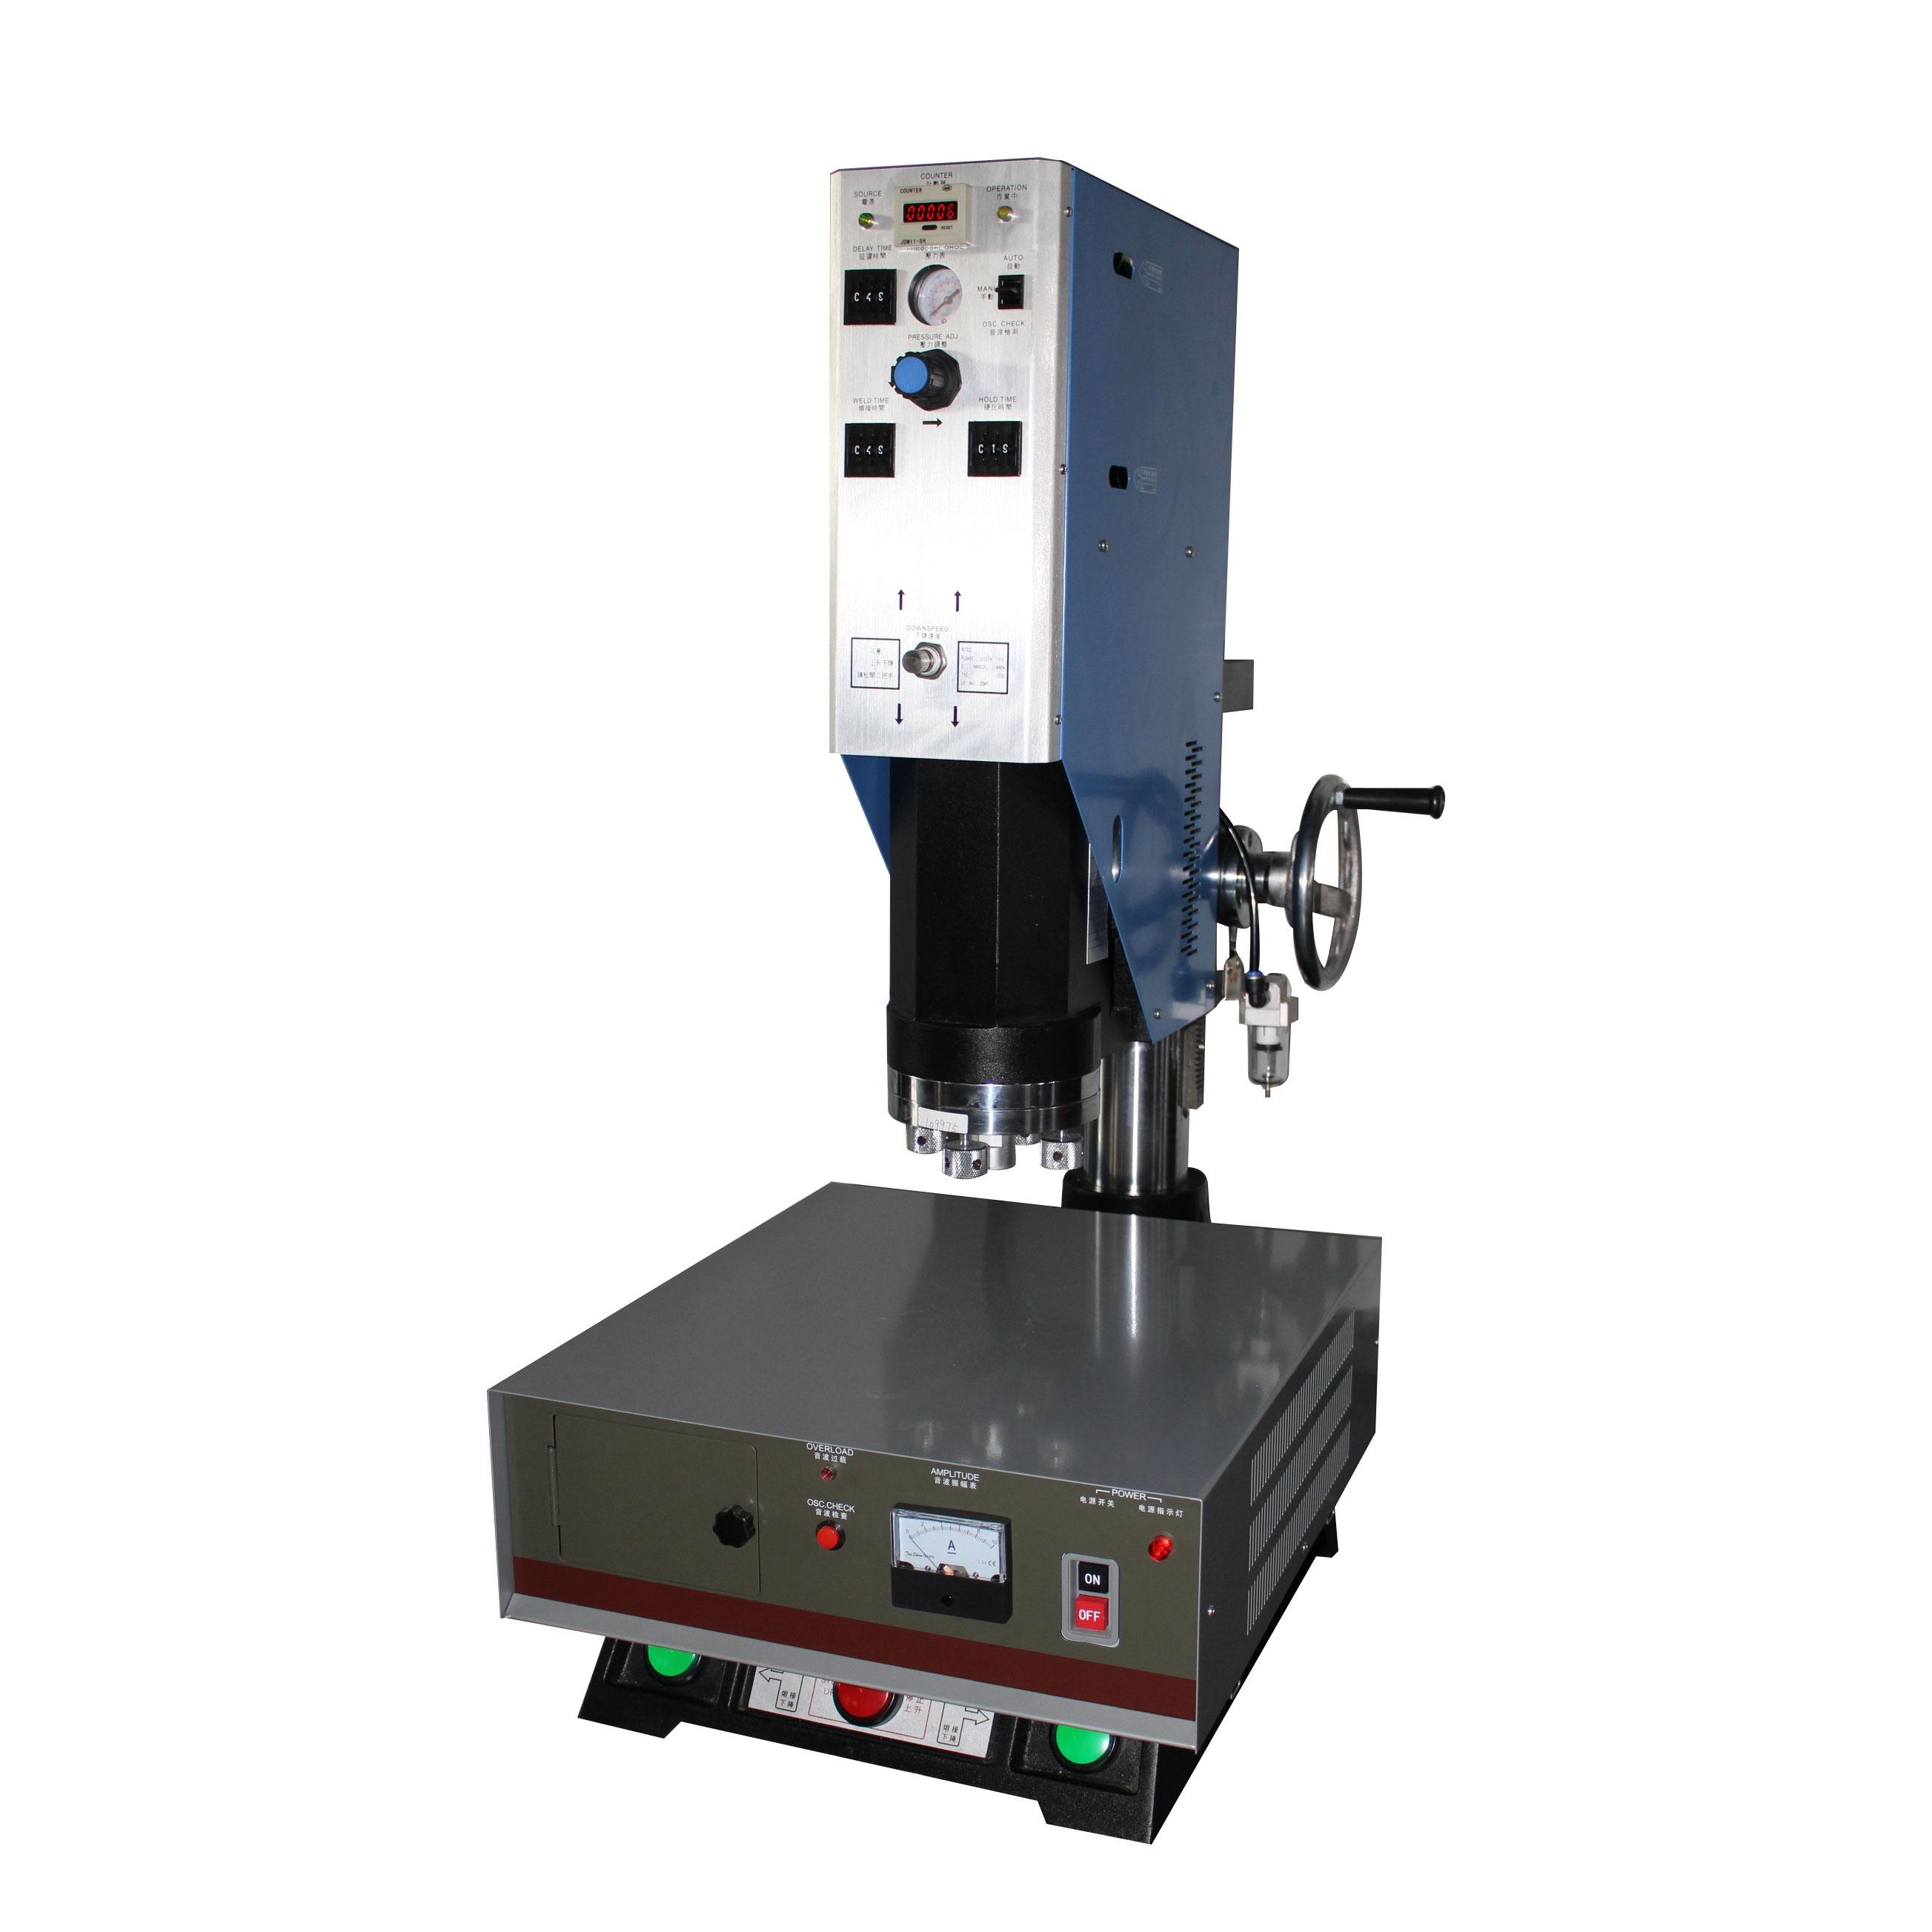 拨码型超声波焊接机生产厂家哪家好-供应商-厂家直销批发